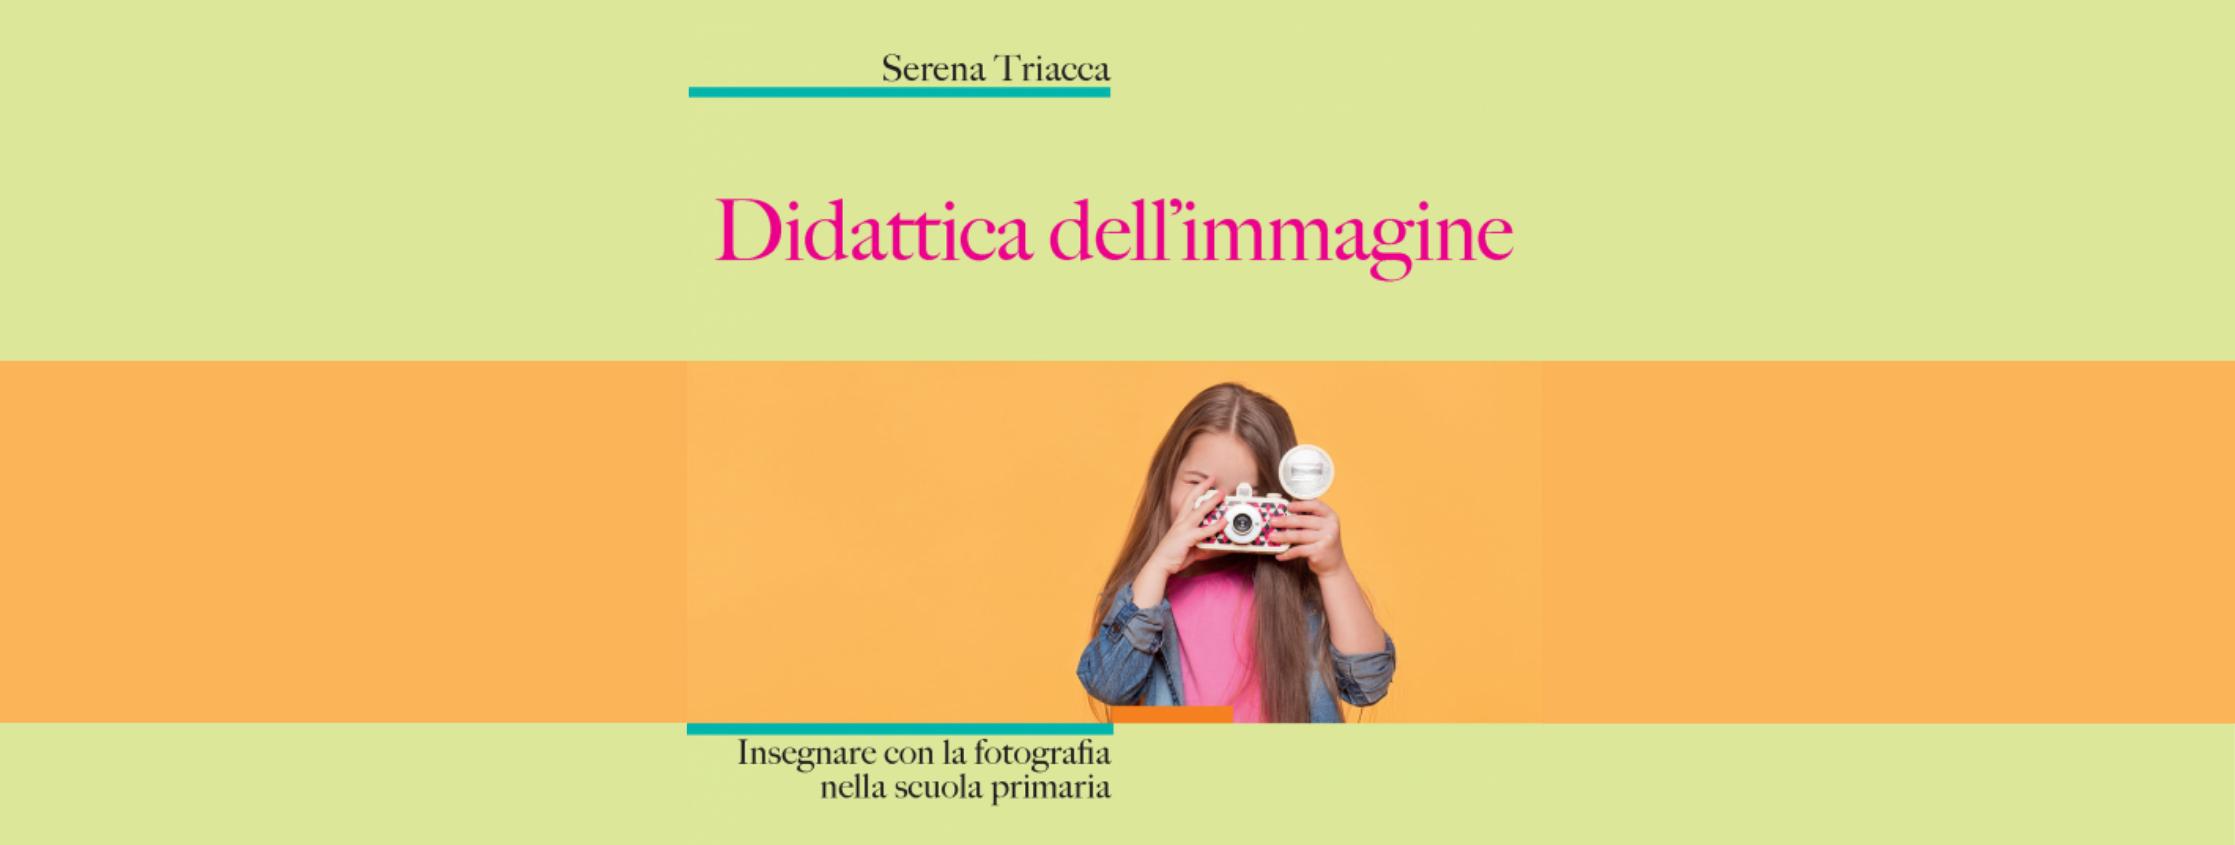 """[Libro] """"Didattica dell'immagine. Insegnare con la fotografia nella scuola primaria"""" di Serena Triacca"""